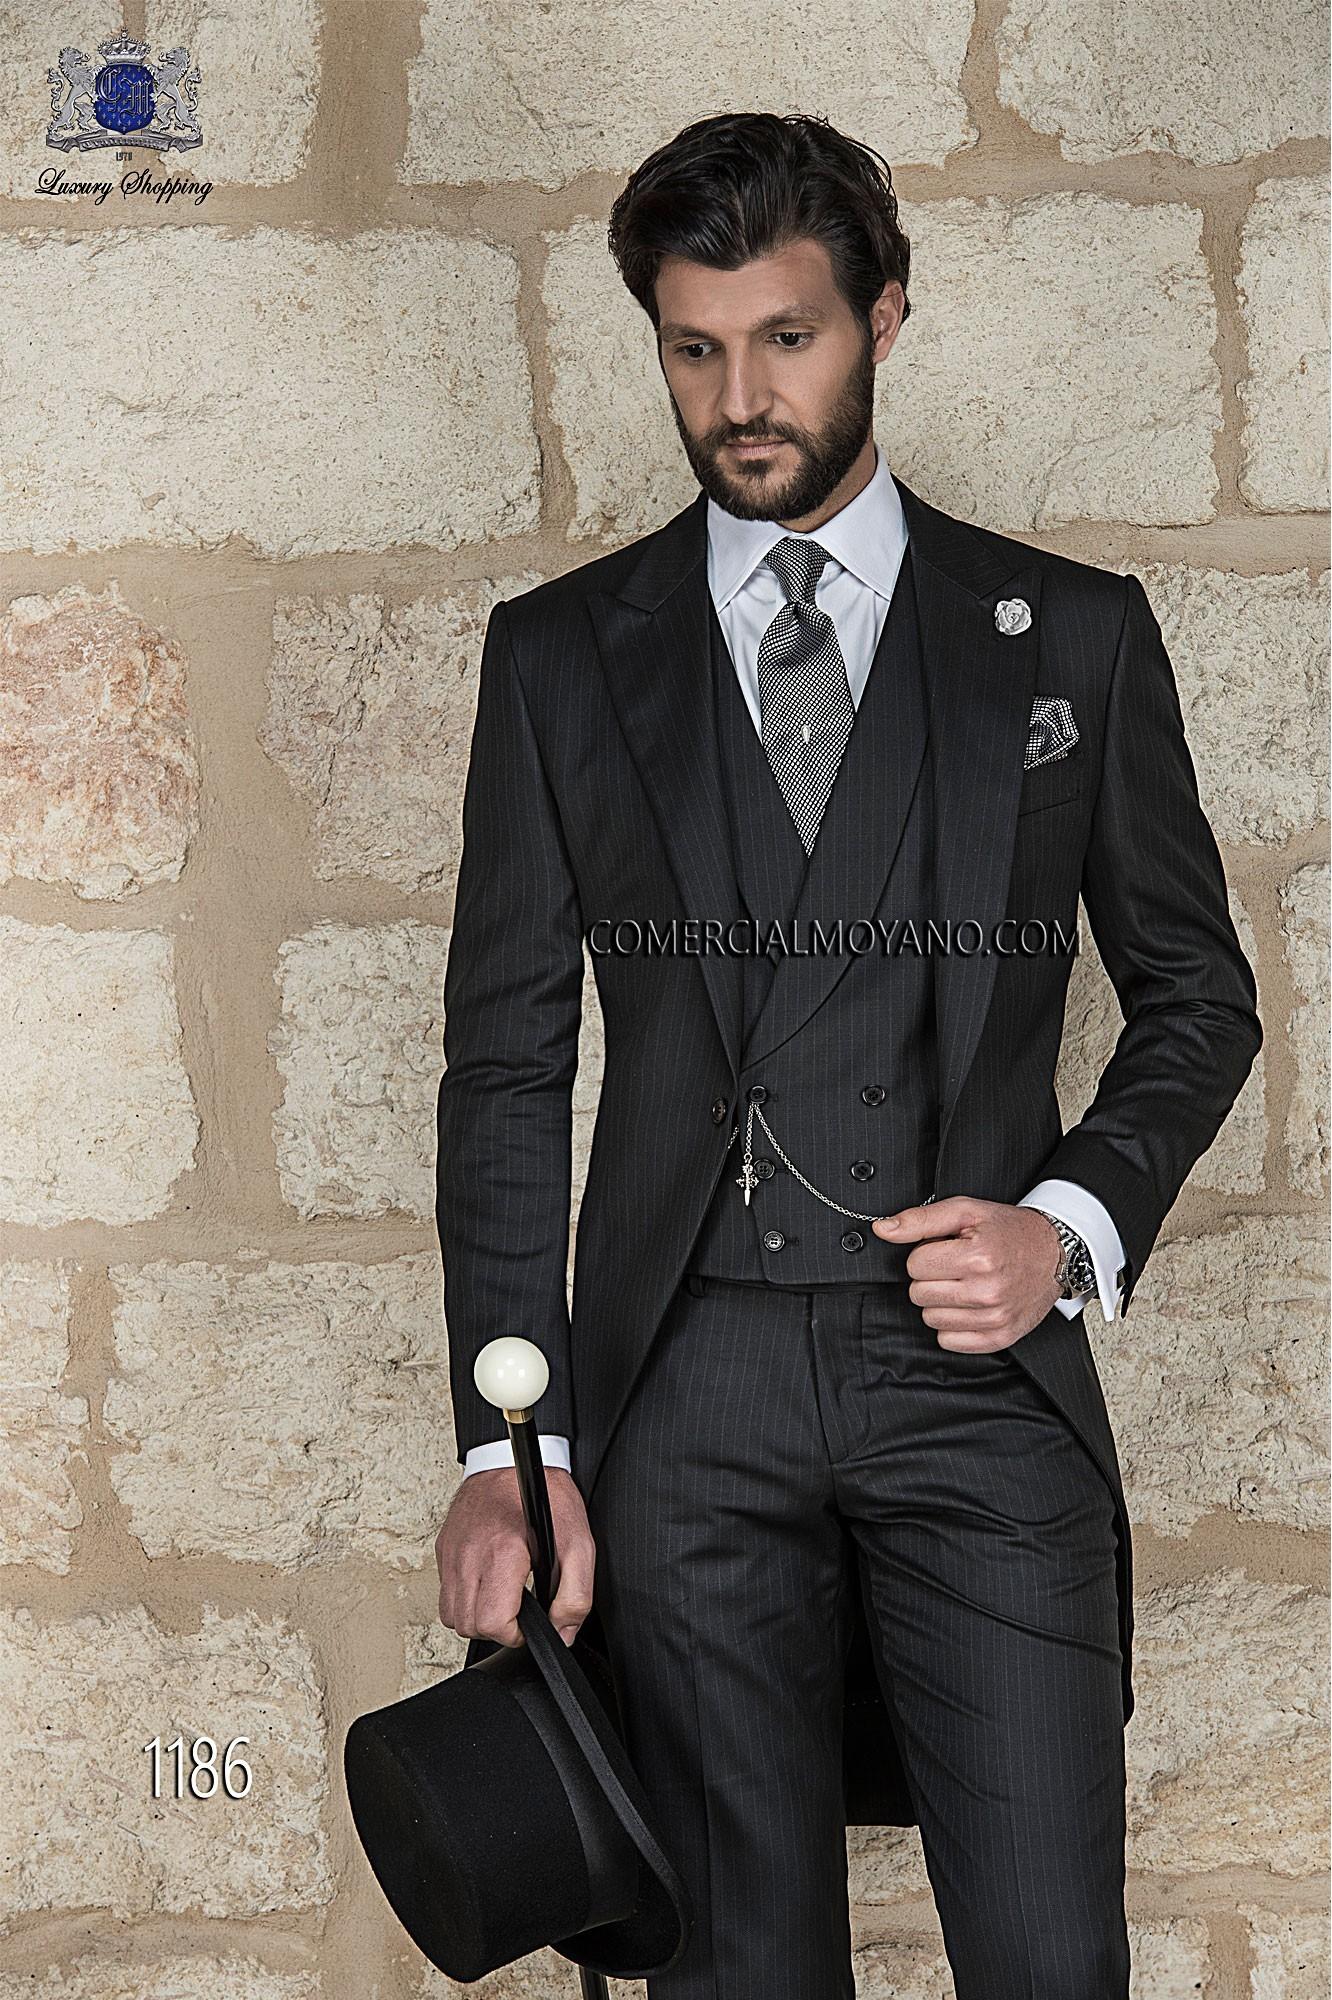 Traje de novio italiano negro modelo: 1186 Ottavio Nuccio Gala colección Gentleman